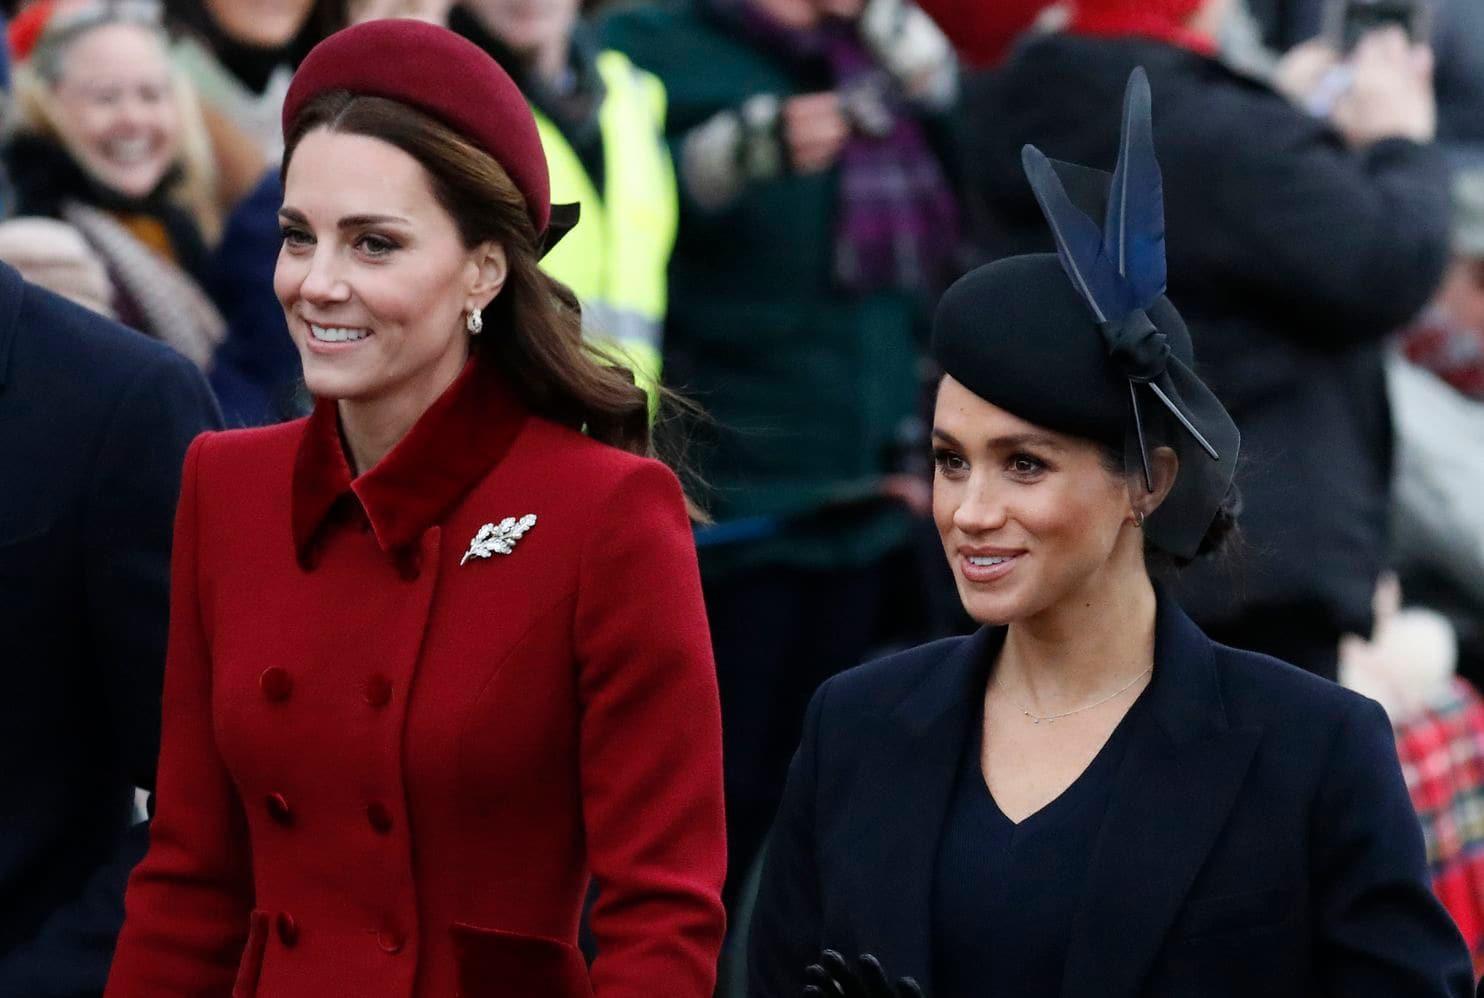 Hóa ra Công nương Meghan tự làm stylist cho chính mình nhưng bất ngờ nhất chính là hành động này của cô với chị dâu Kate - Ảnh 3.